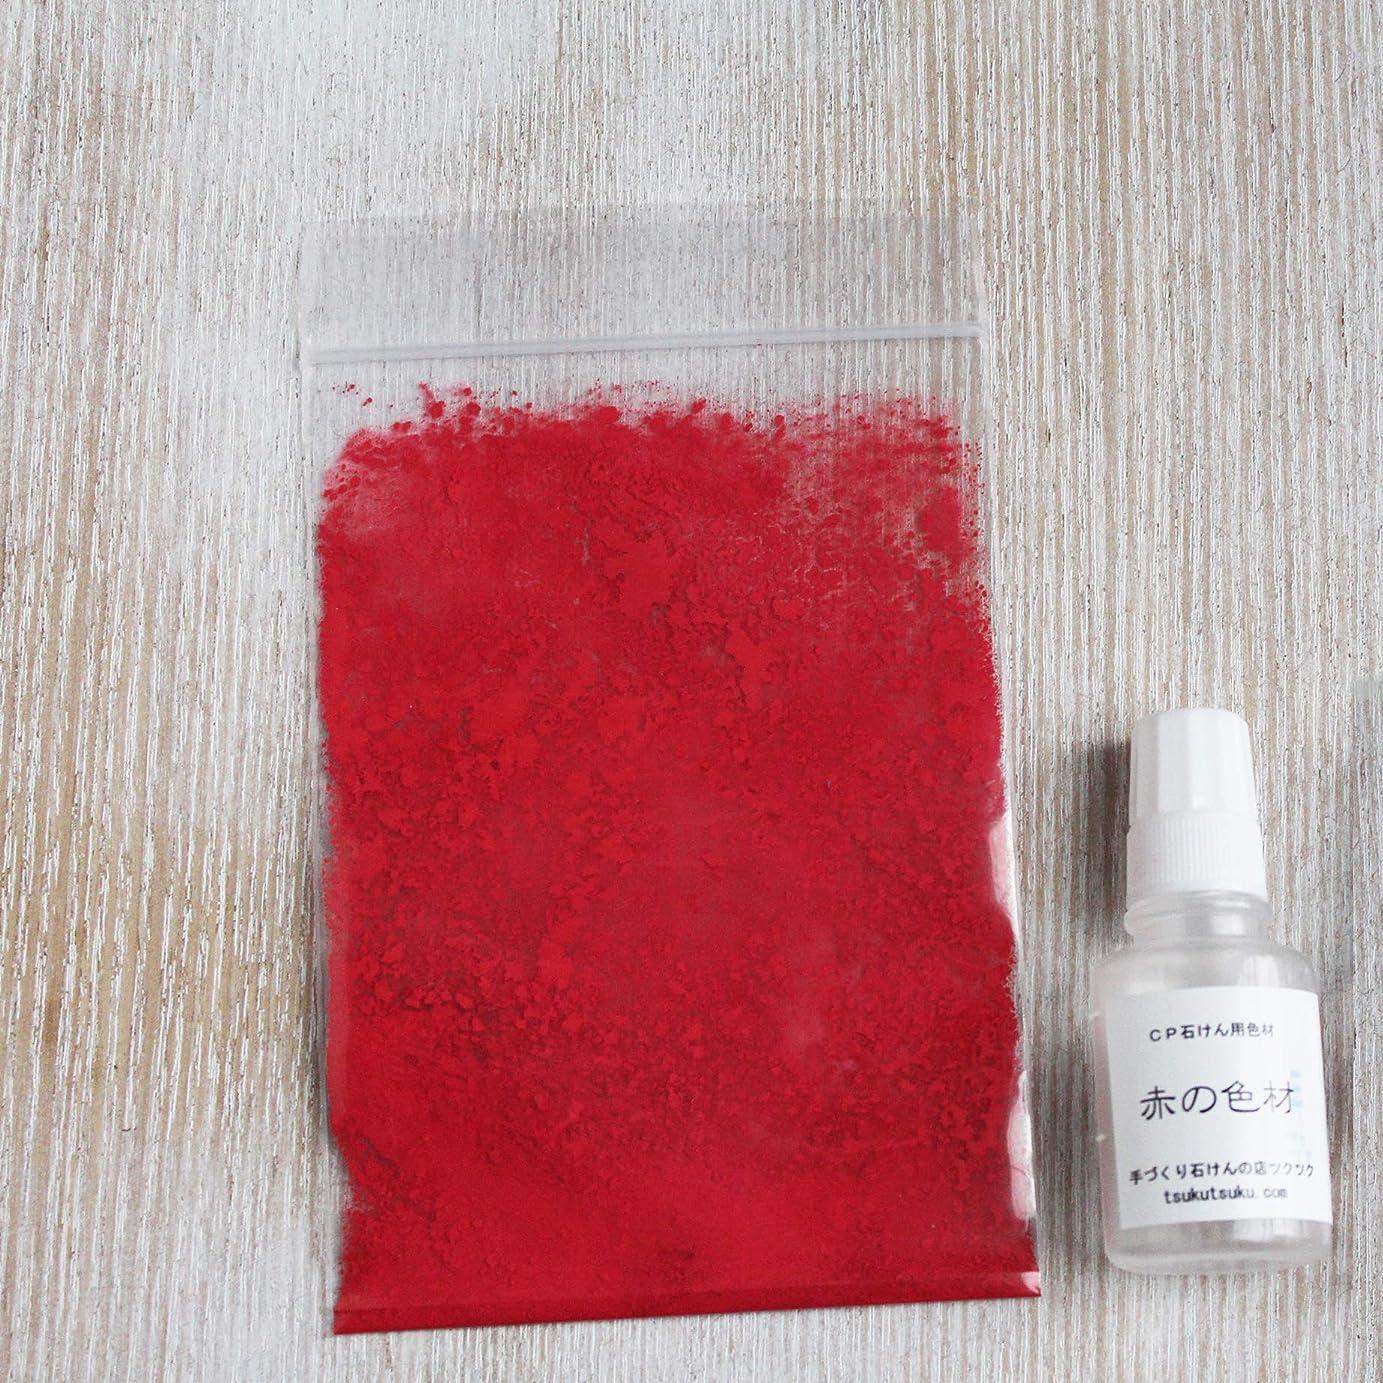 ラウンジ付与病者CP石けん用色材 赤の色材キット/手作り石けん?手作り化粧品材料